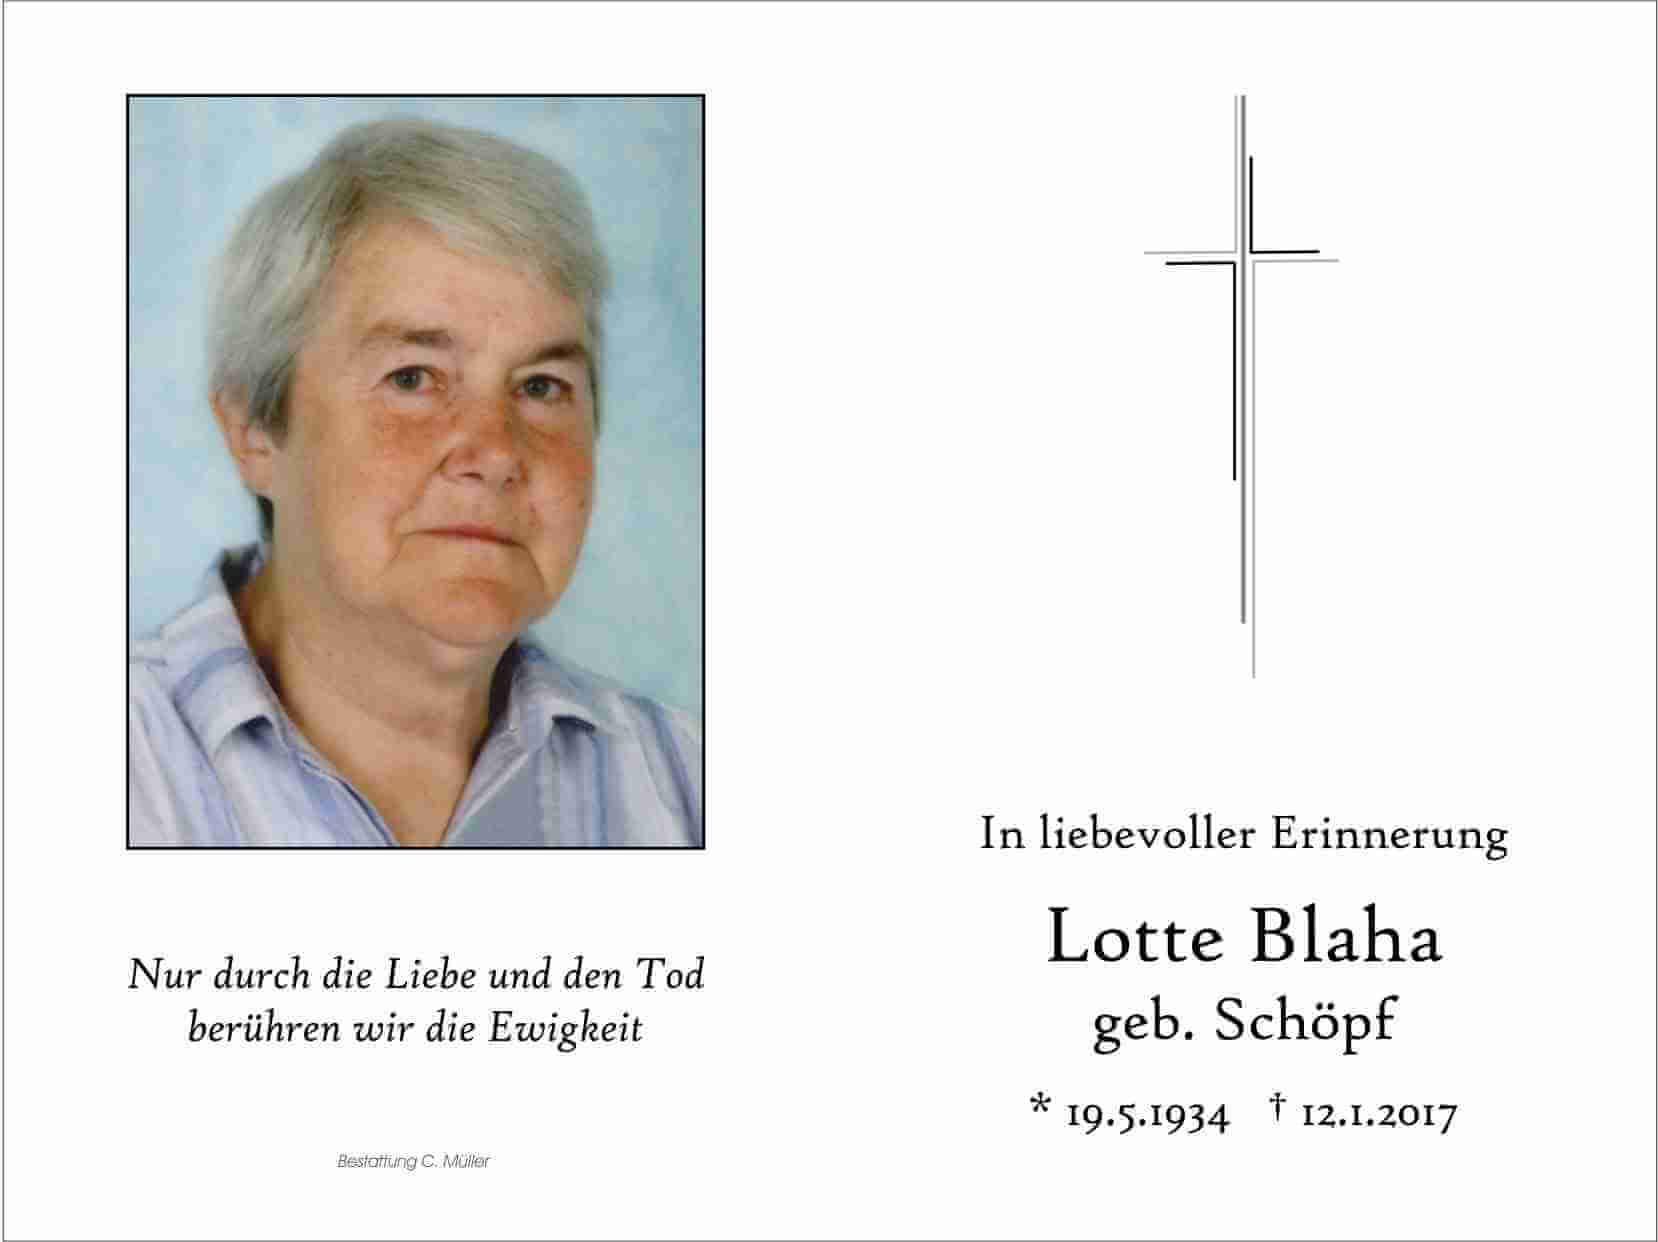 170525_blaha_lieselotte_ab - Bestattung C. Müller